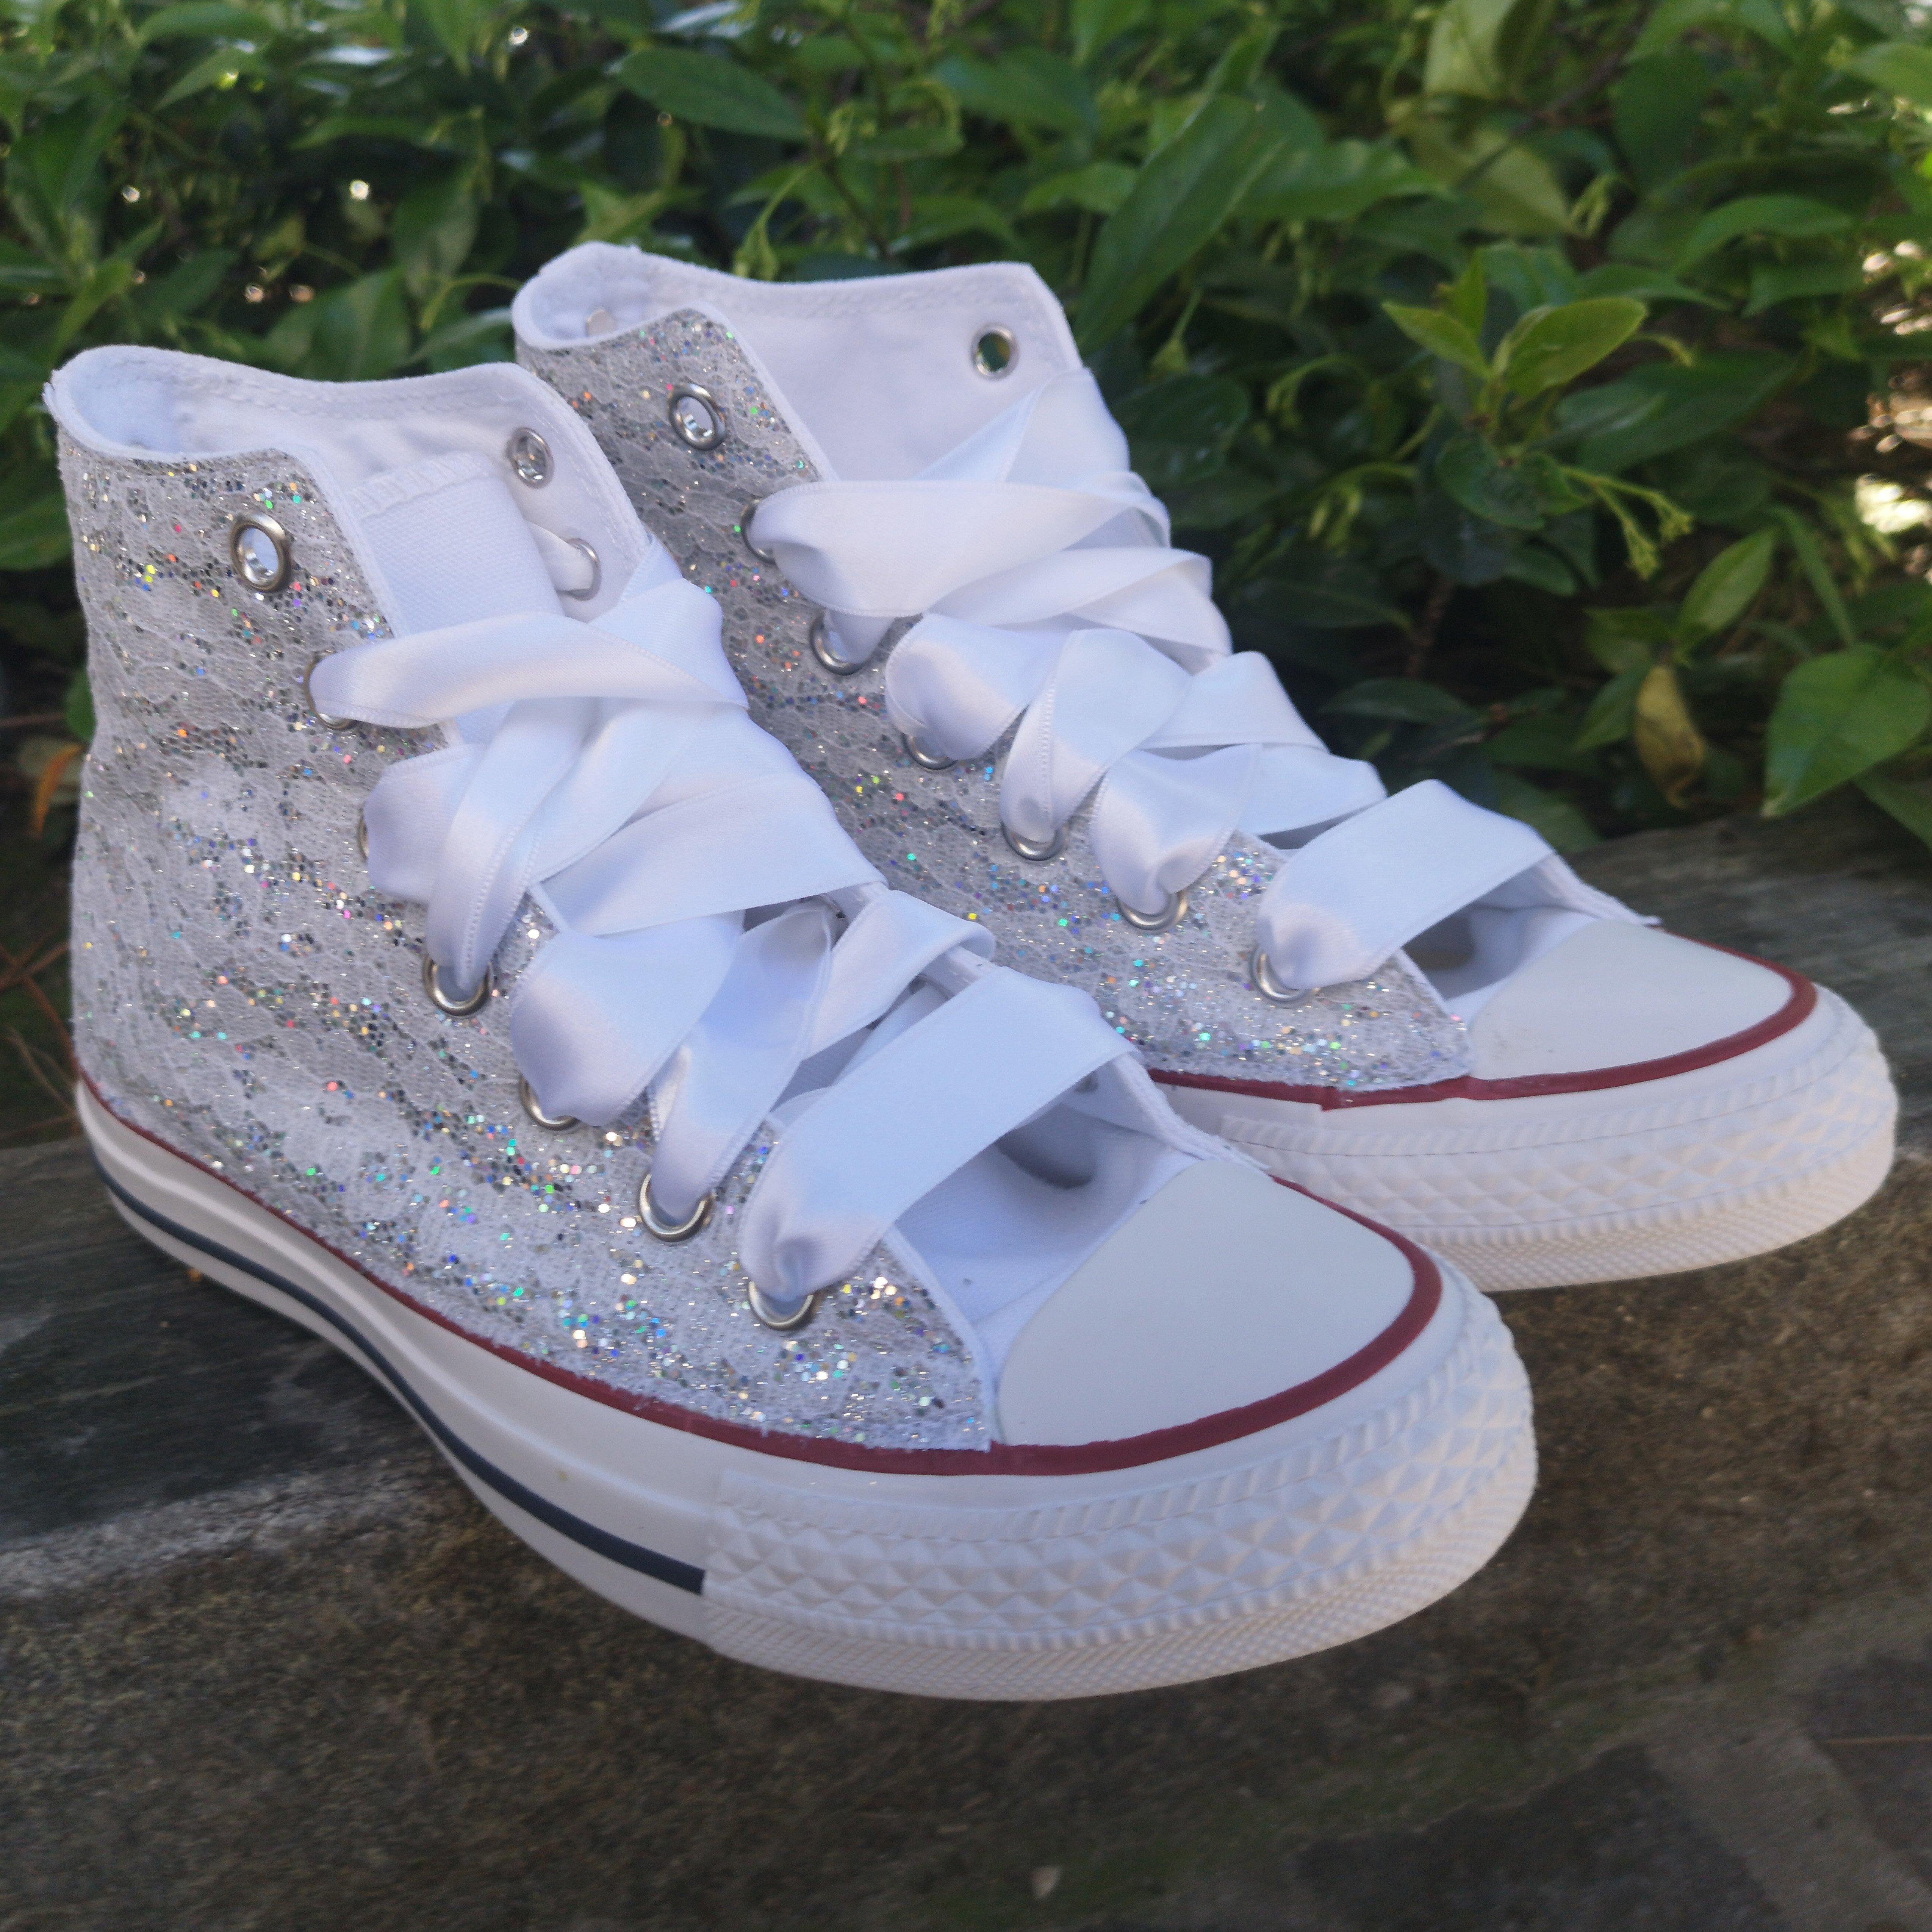 scarpe donna converse personalizzate basse